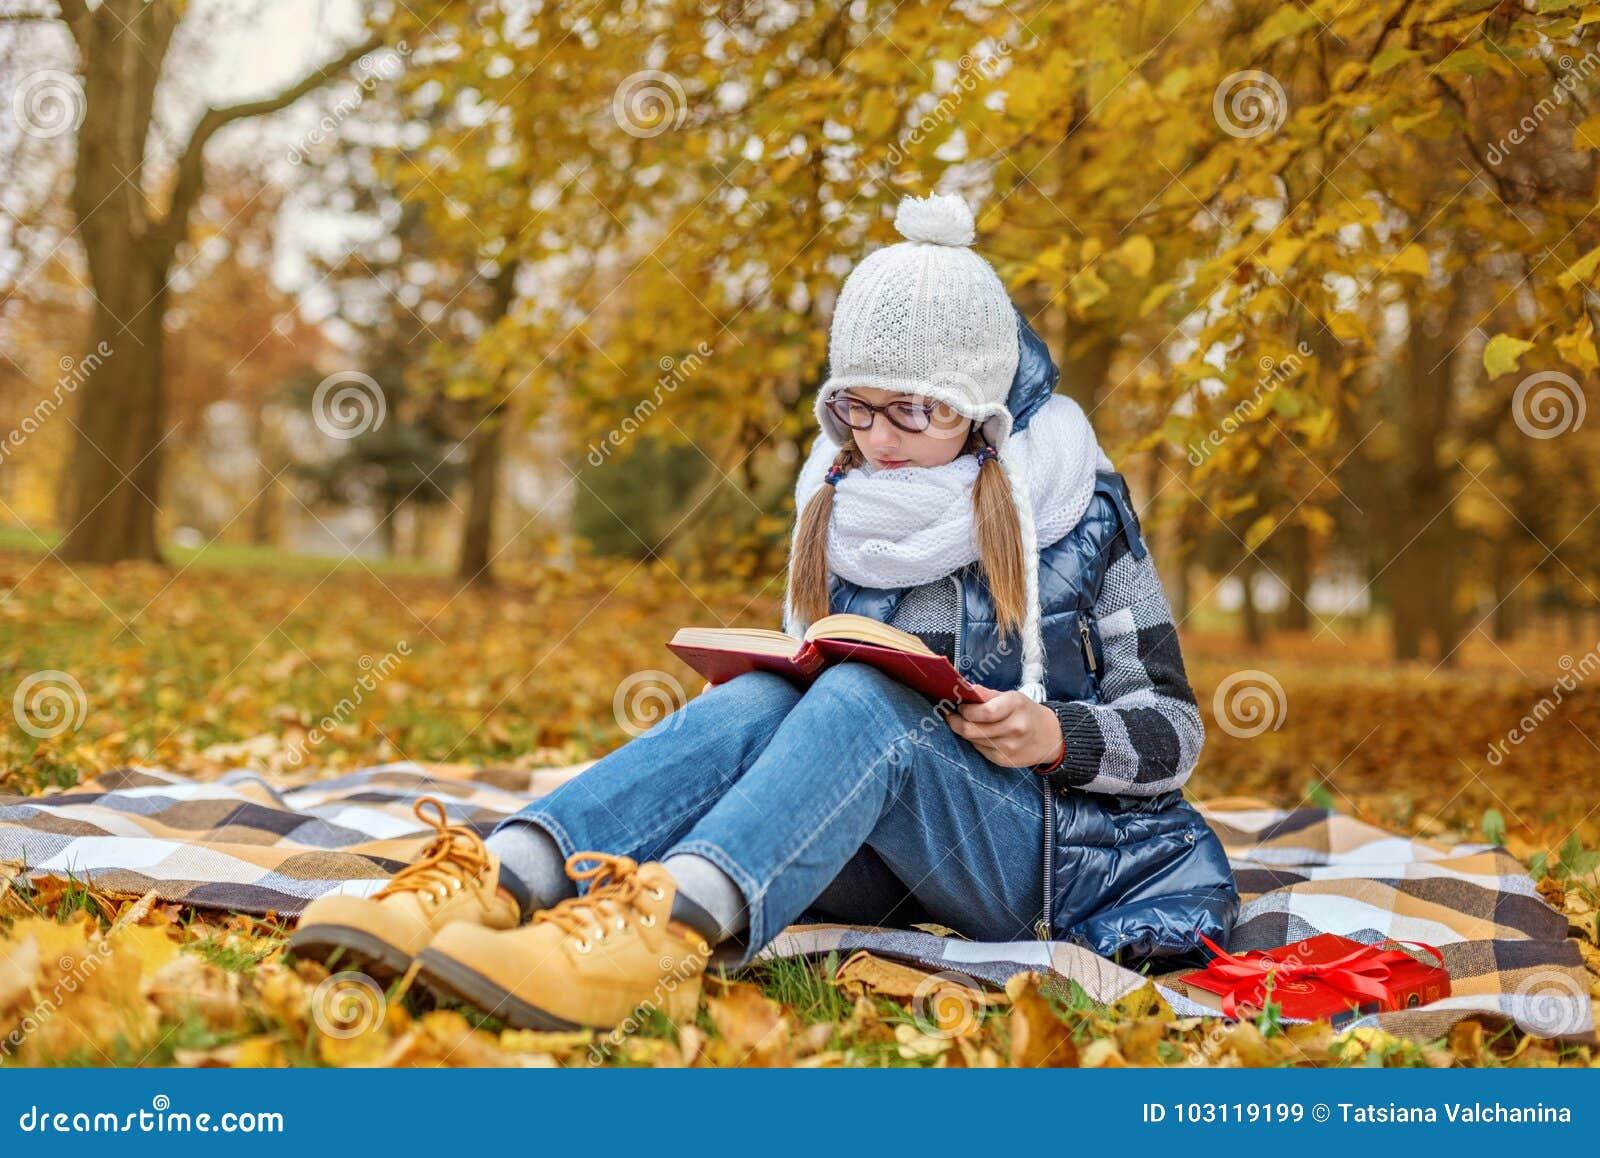 Tonåringelevflickan i exponeringsglasstudielärobok i parkera sitter på en pläd i en hemtrevlig vit halsduk och hatt